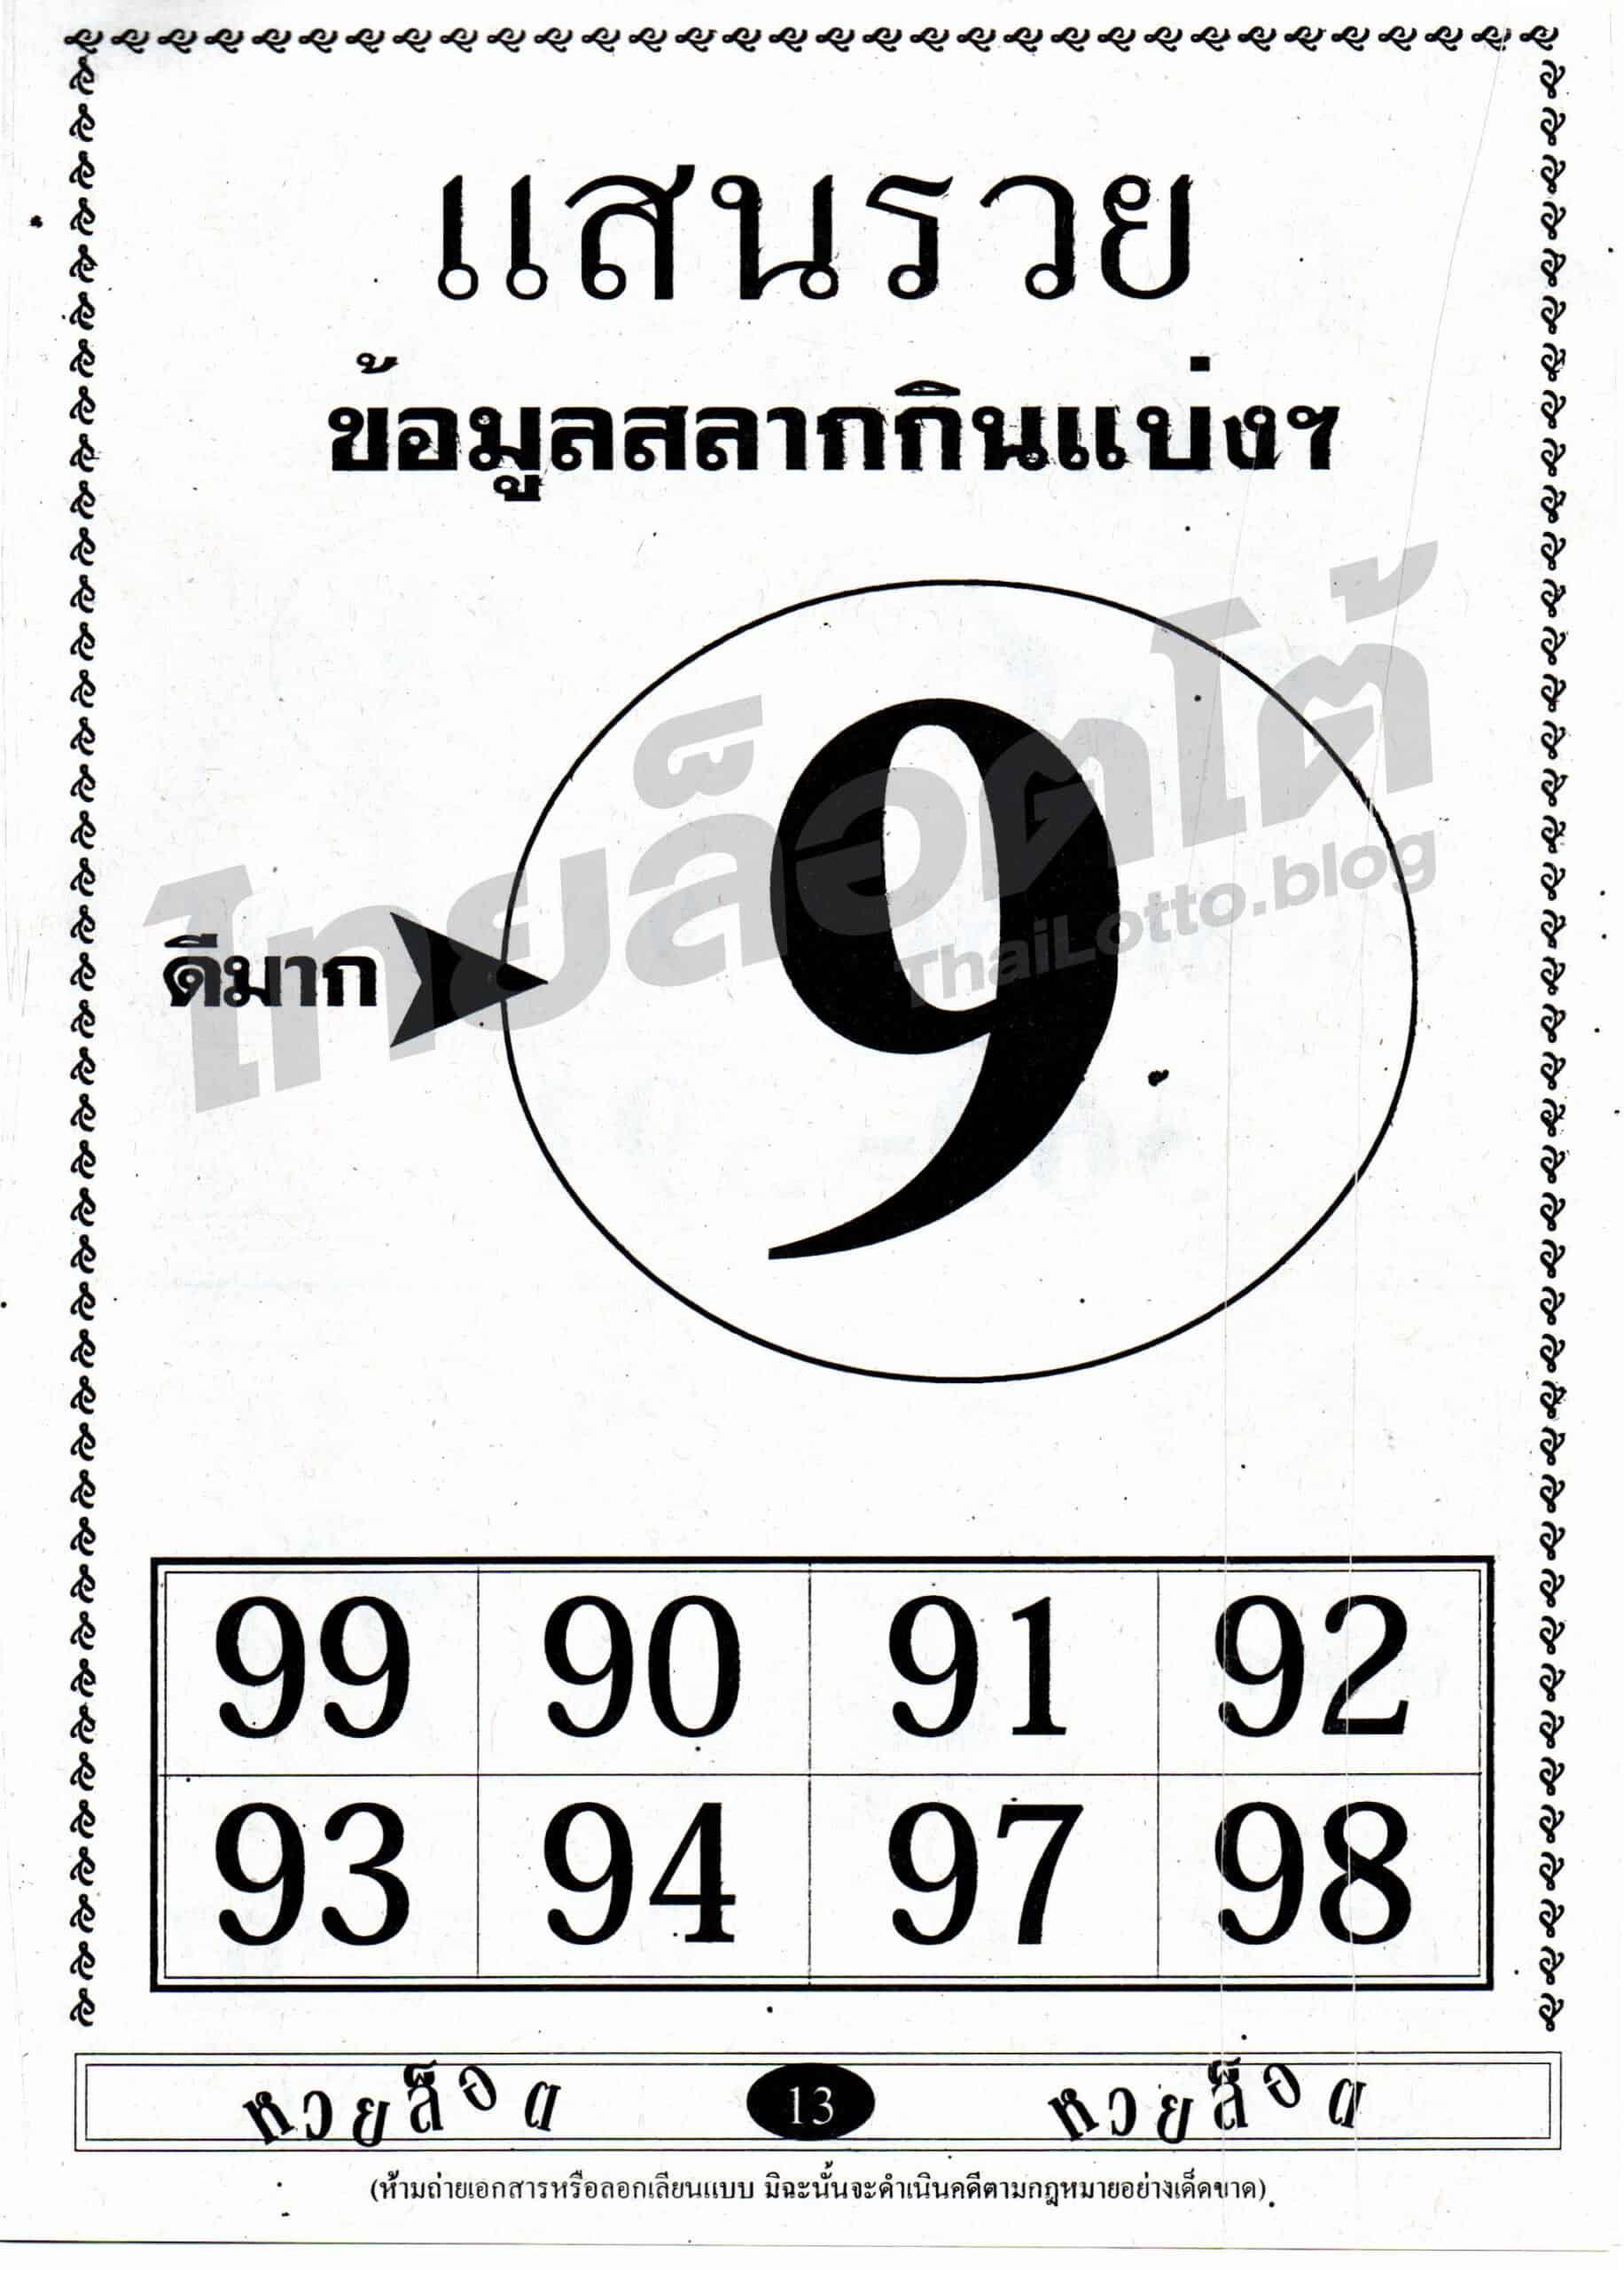 หวยซอง หวยแสนรวย-160964